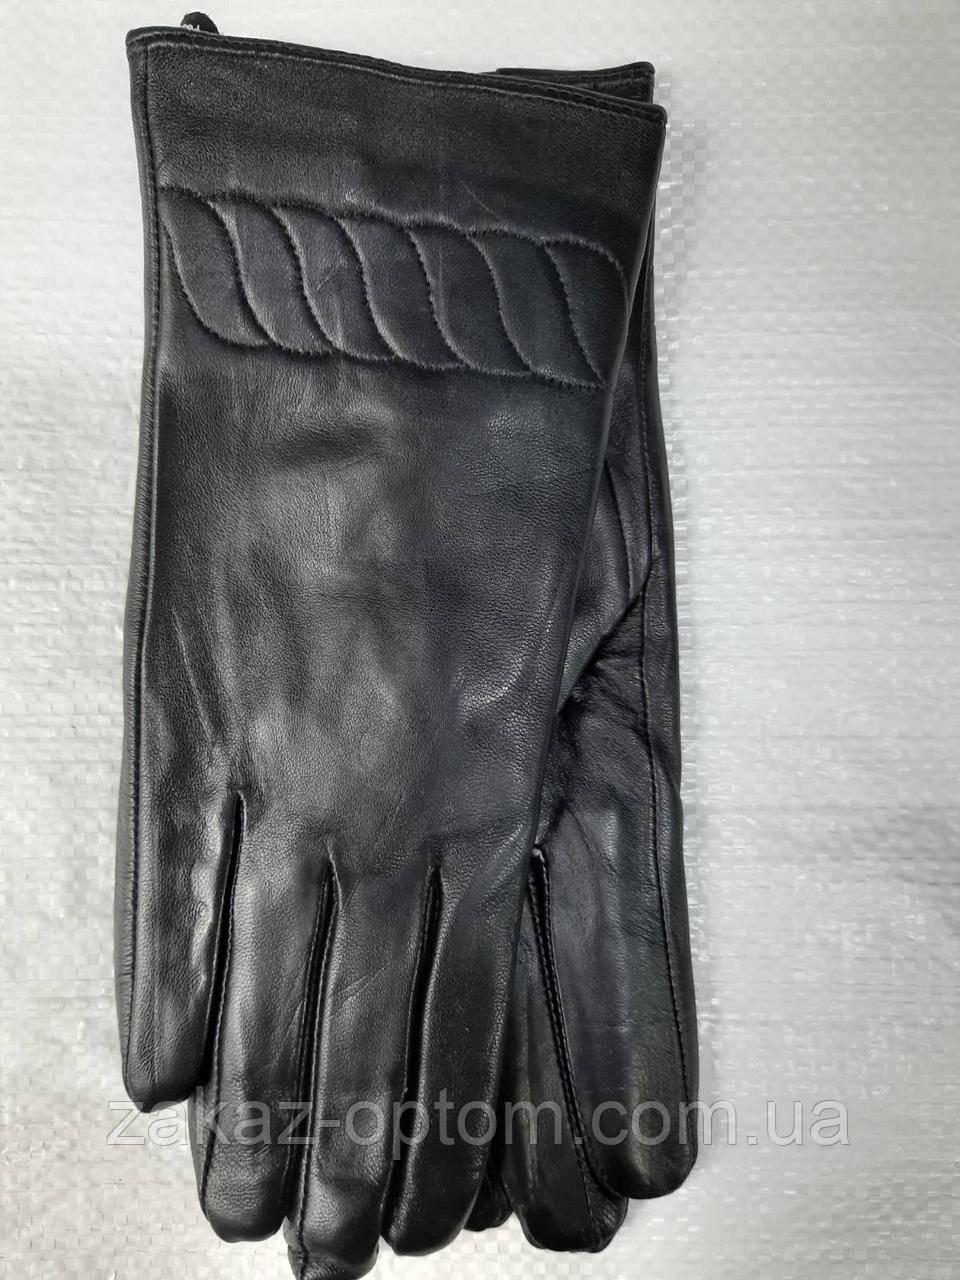 Перчатки женские кожа Лайкра оптом внутри плюш (6,5-8,5)Румыния 03 -63172